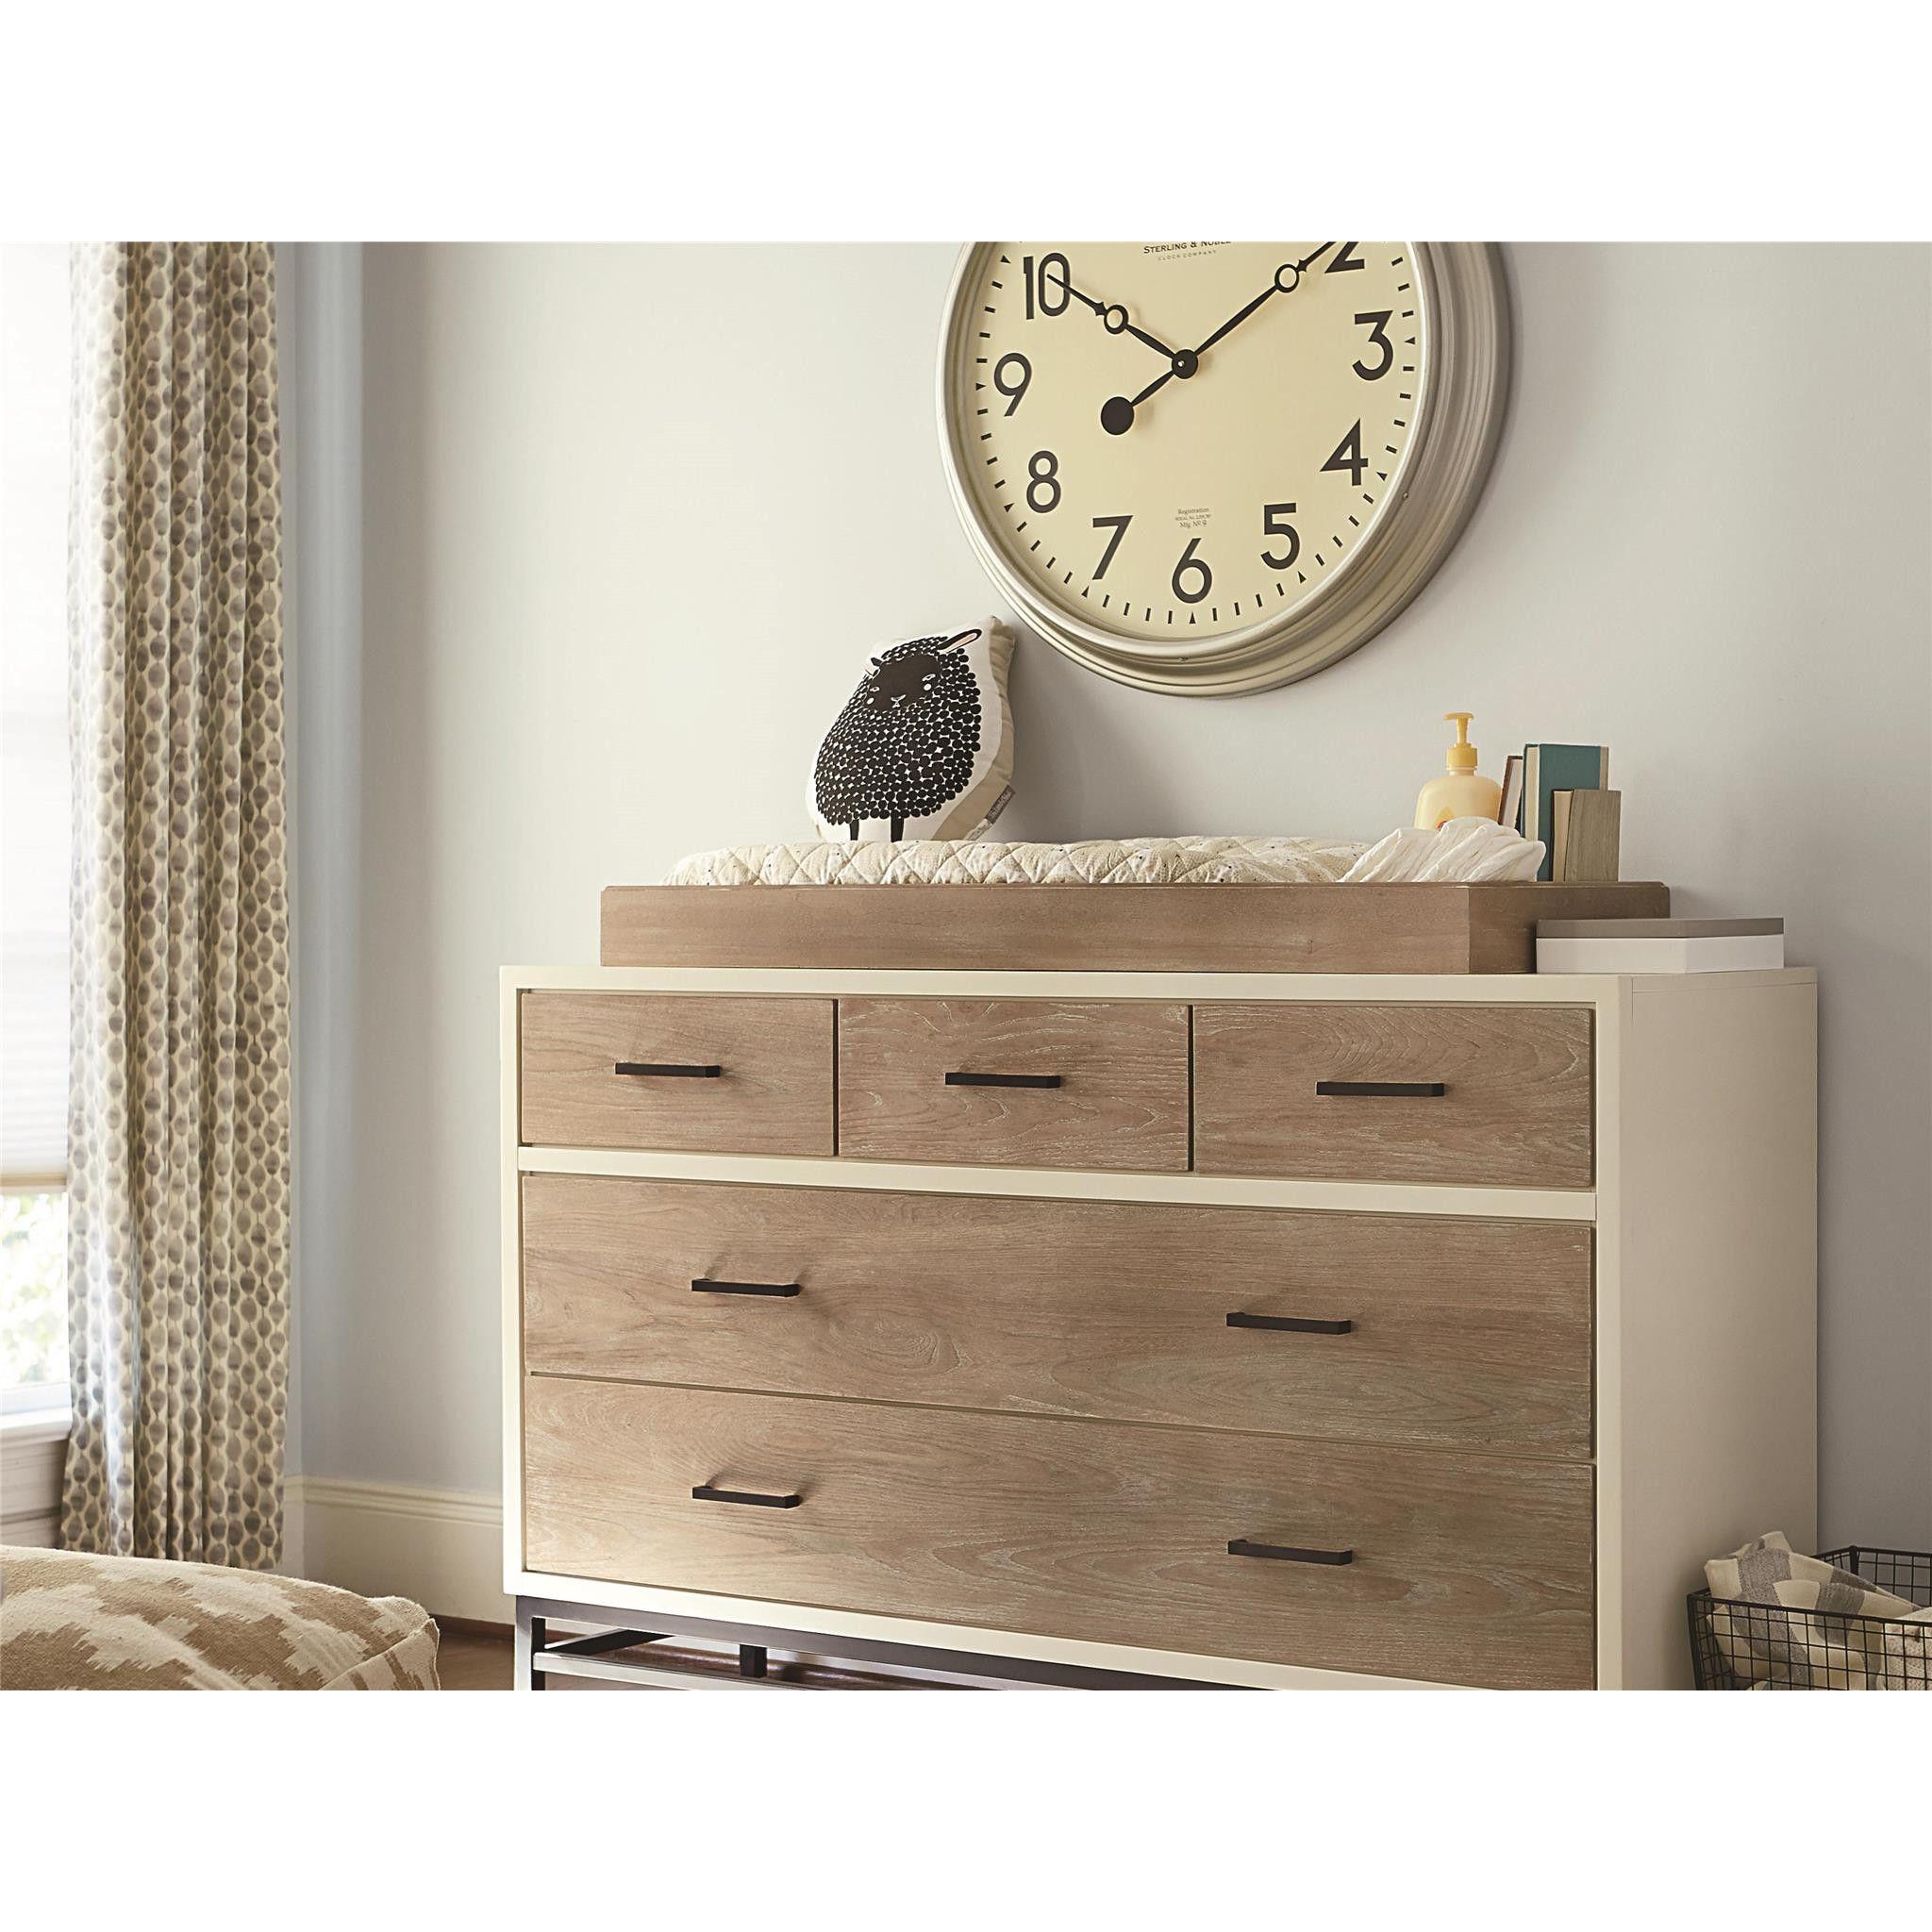 SmartStuff Furniture myRoom 5 Drawers Dresser | CLIENT: A LITTLE ...